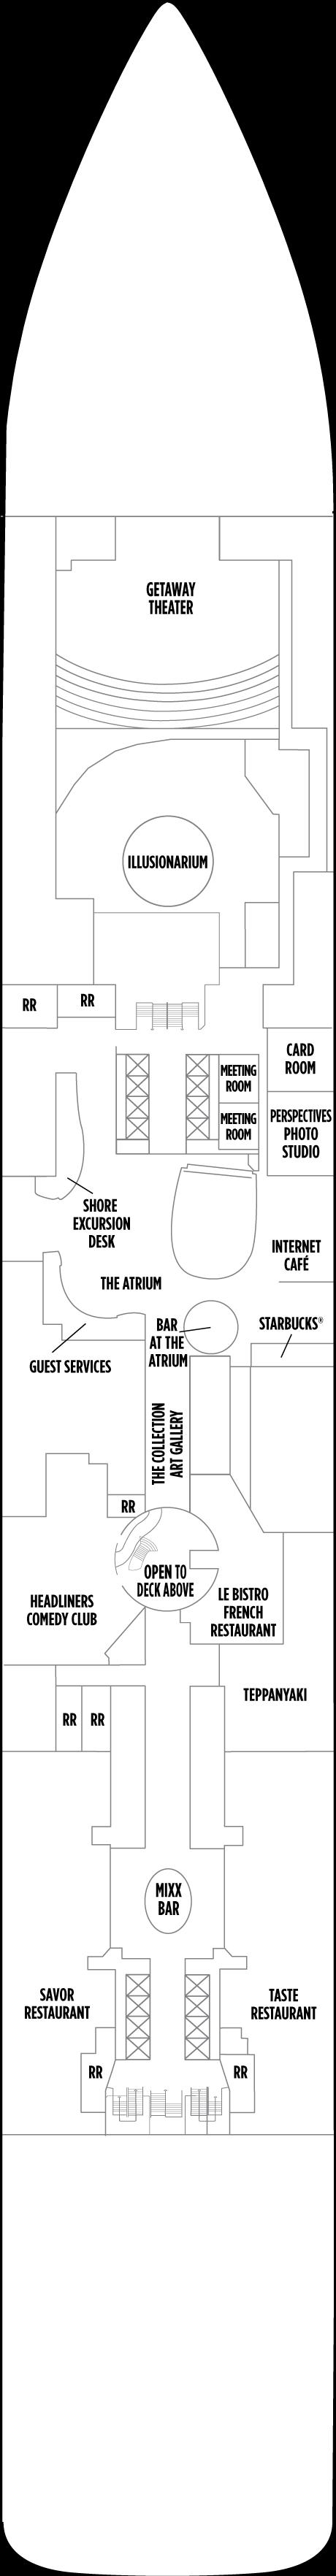 Ubicación de la habitación